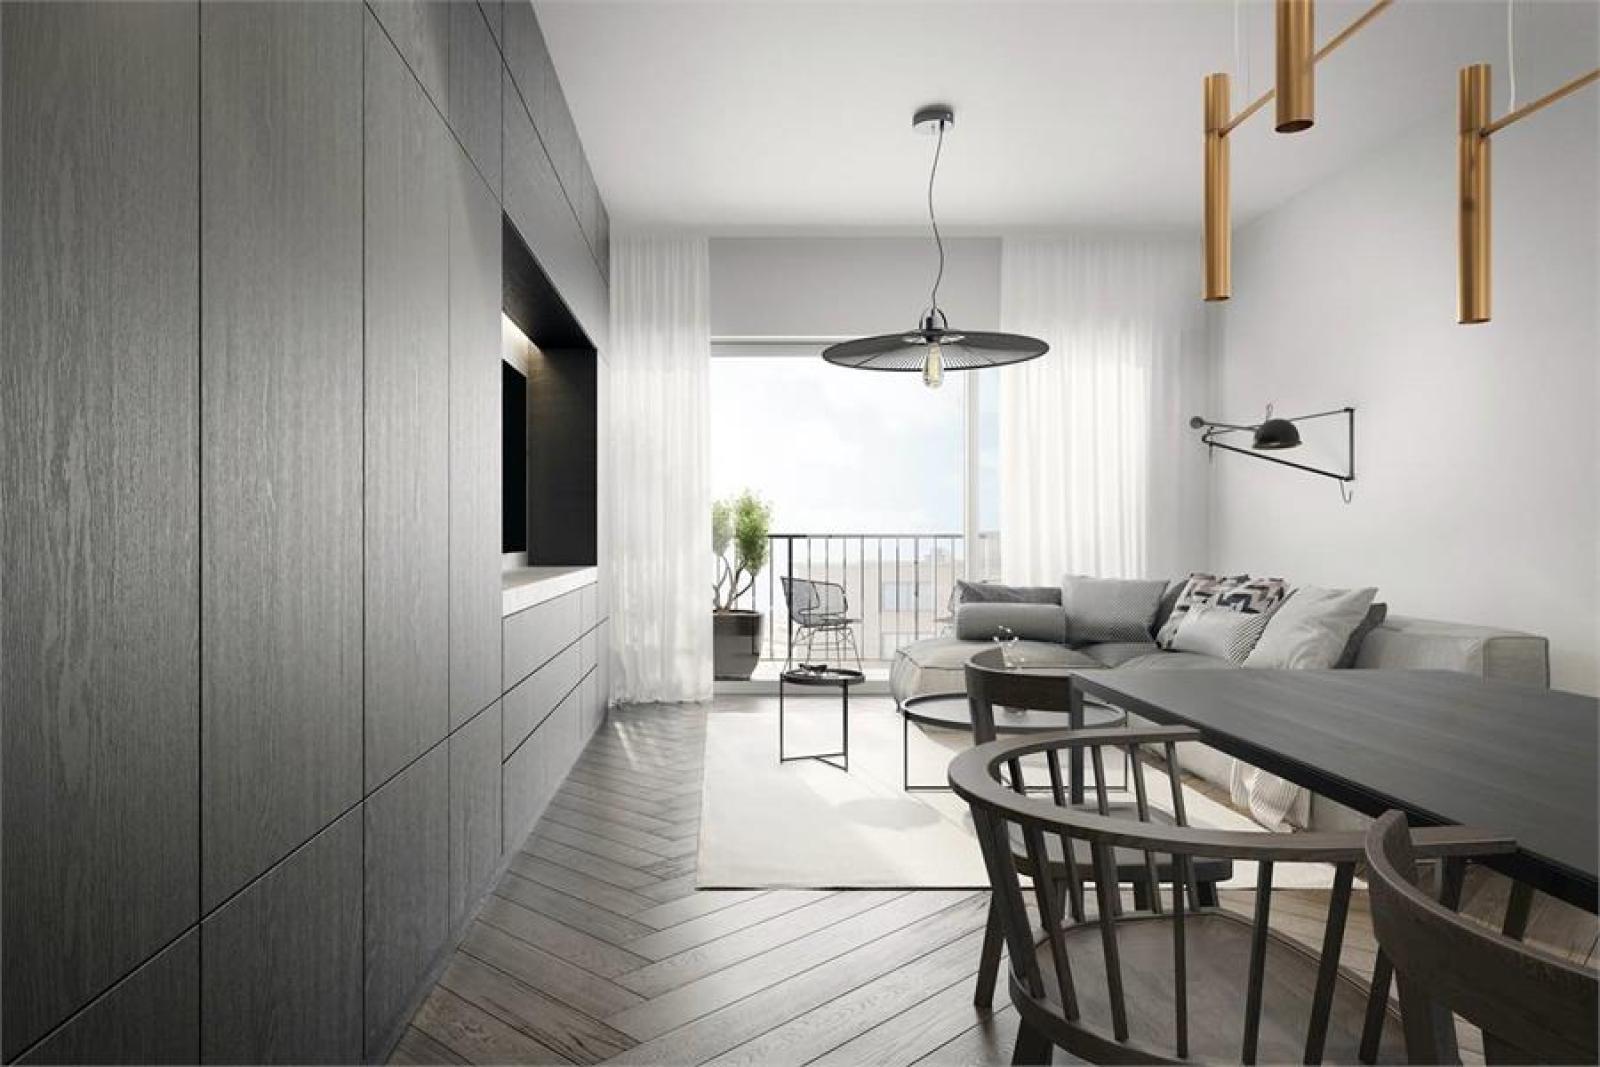 Licht en functioneel appartement (+/-98,8m²) met 3 slaapkamers, terras en zuid-georiënteerde privatieve tuin (81m²)! afbeelding 4